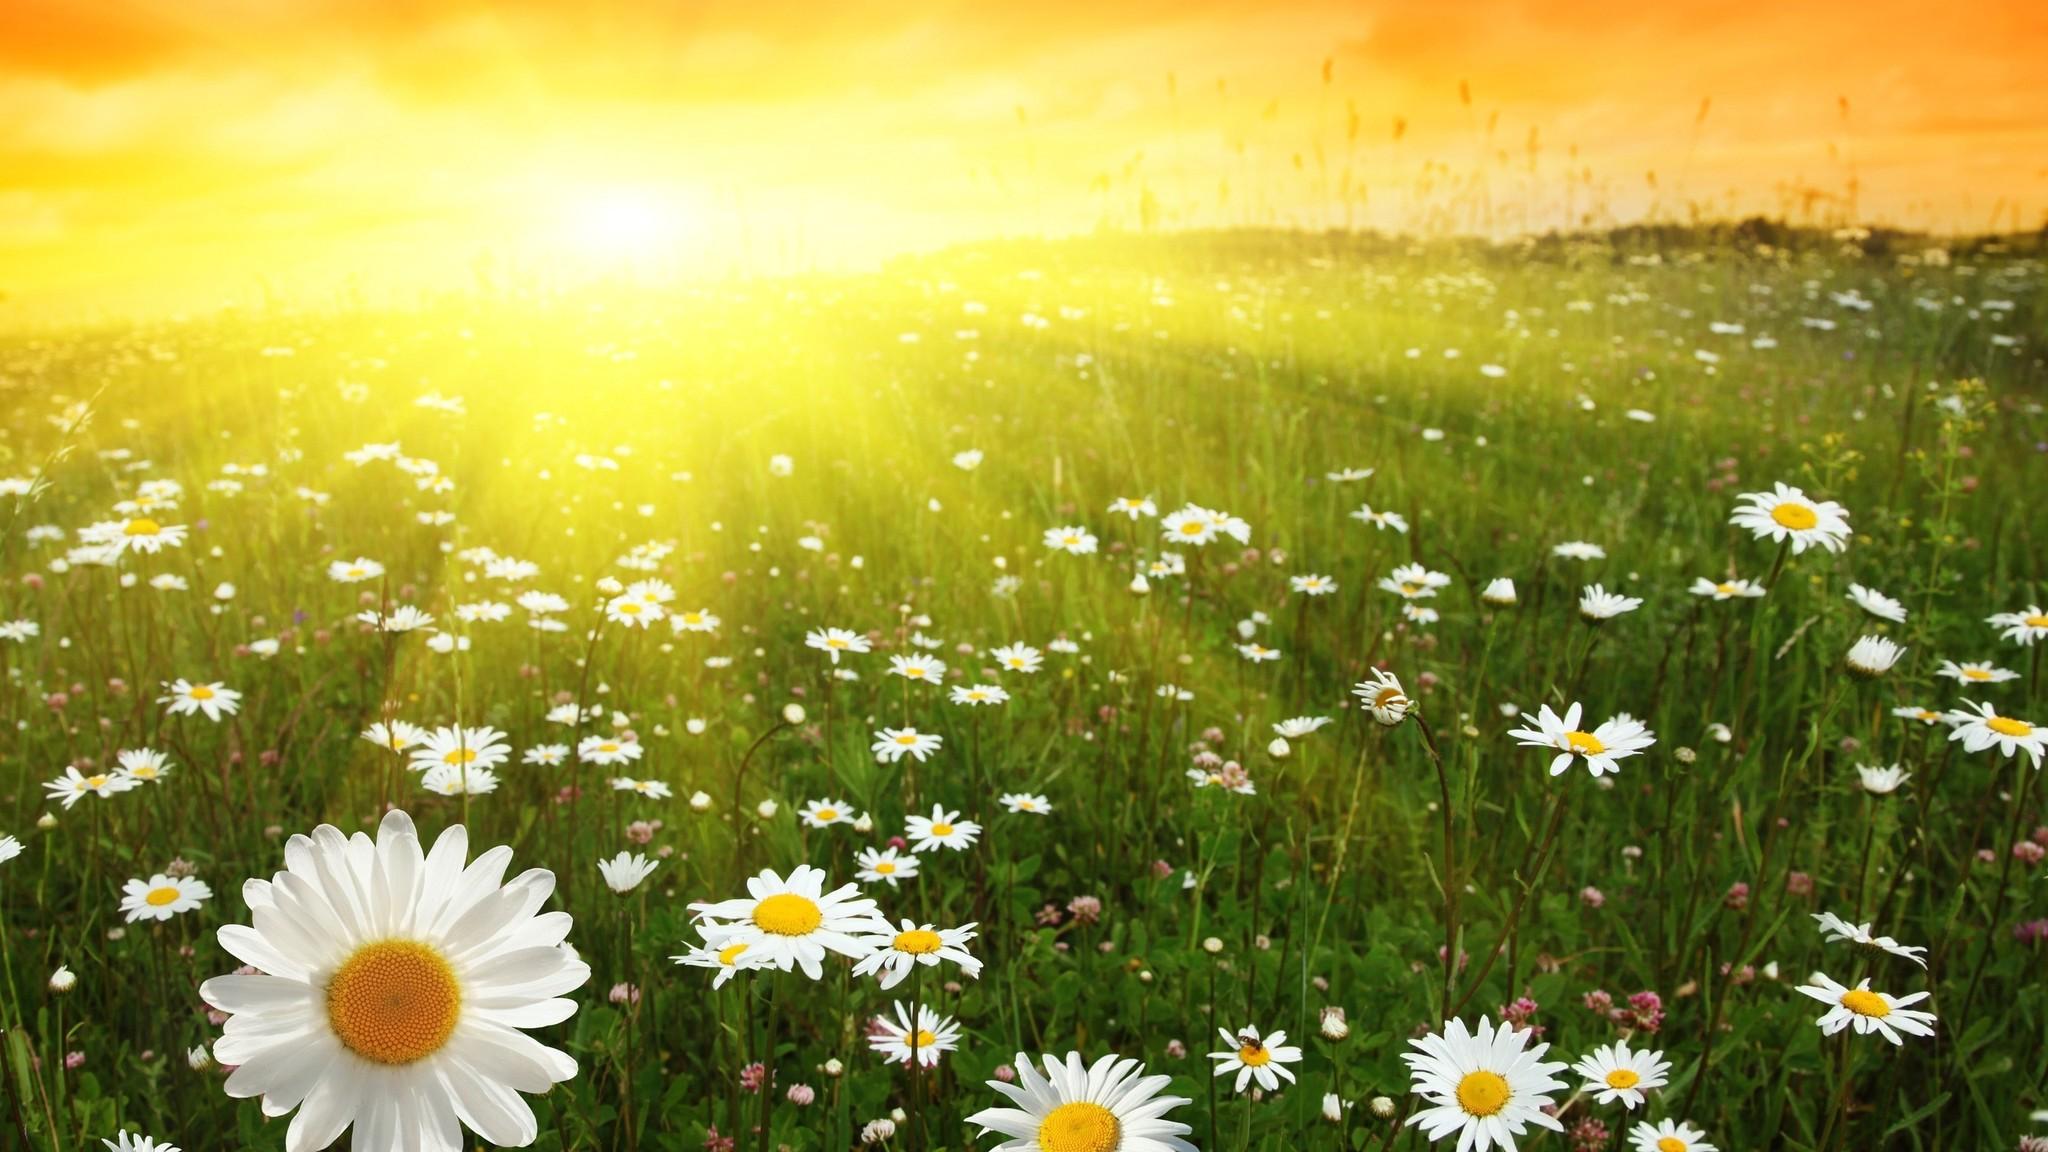 солнце светит для тебя картинки